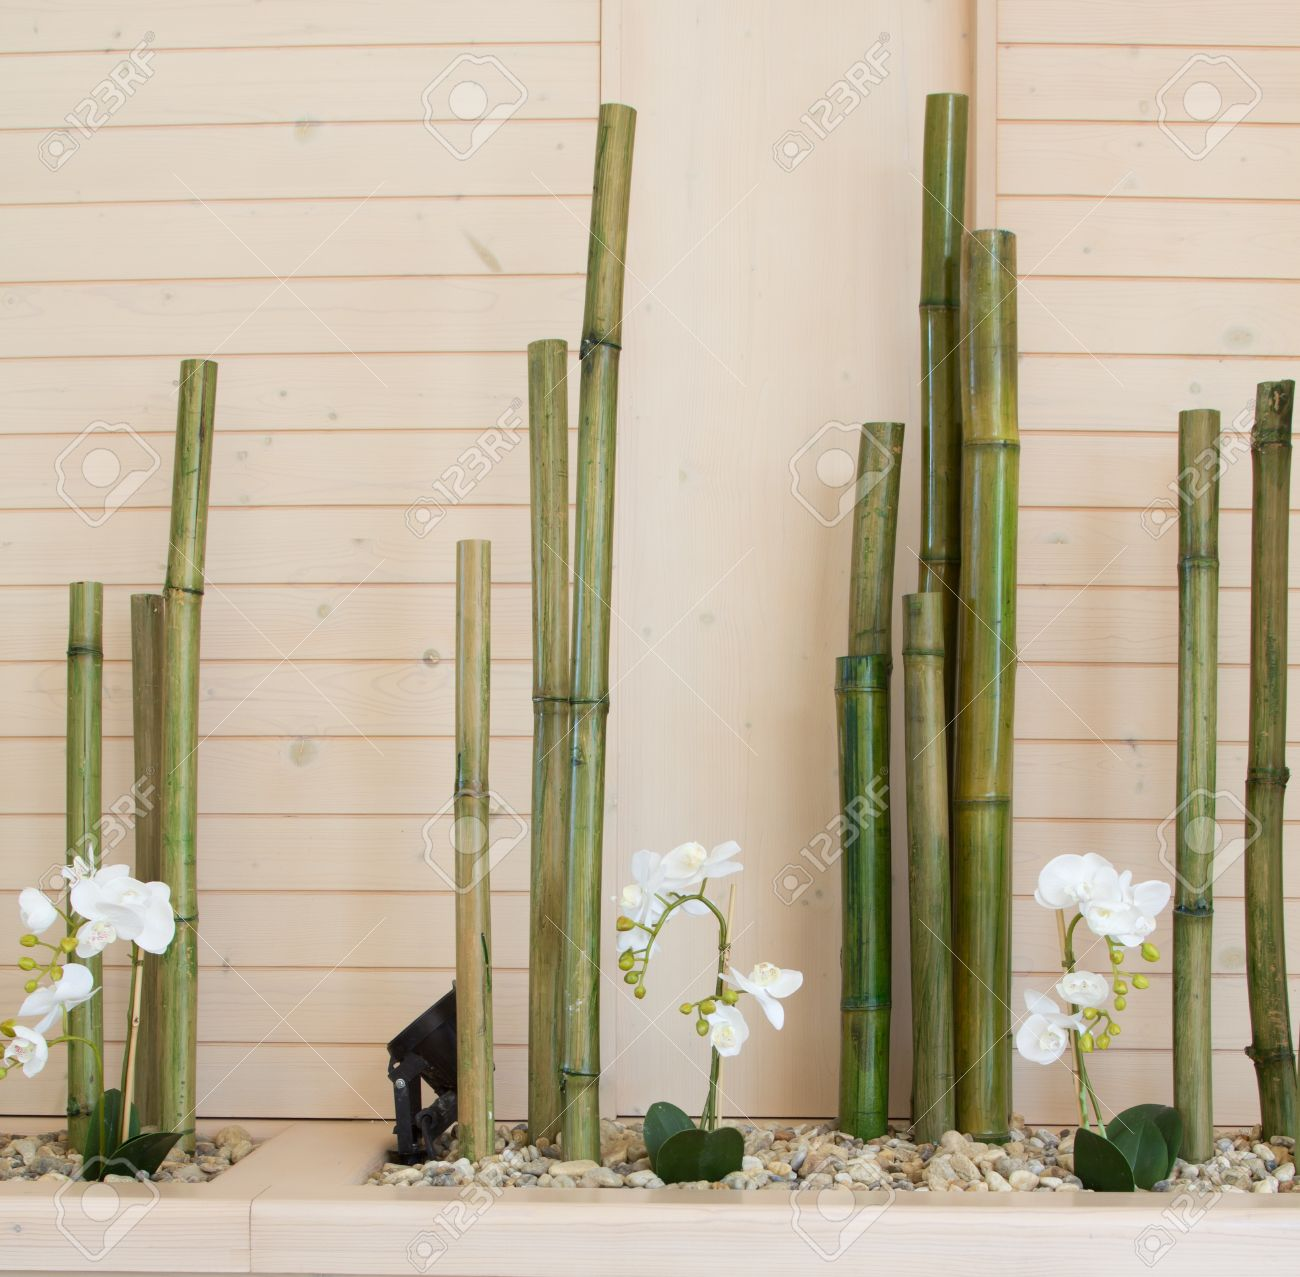 Orchideenbluten Mit Bambus Dekoration Lizenzfreie Fotos Bilder Und